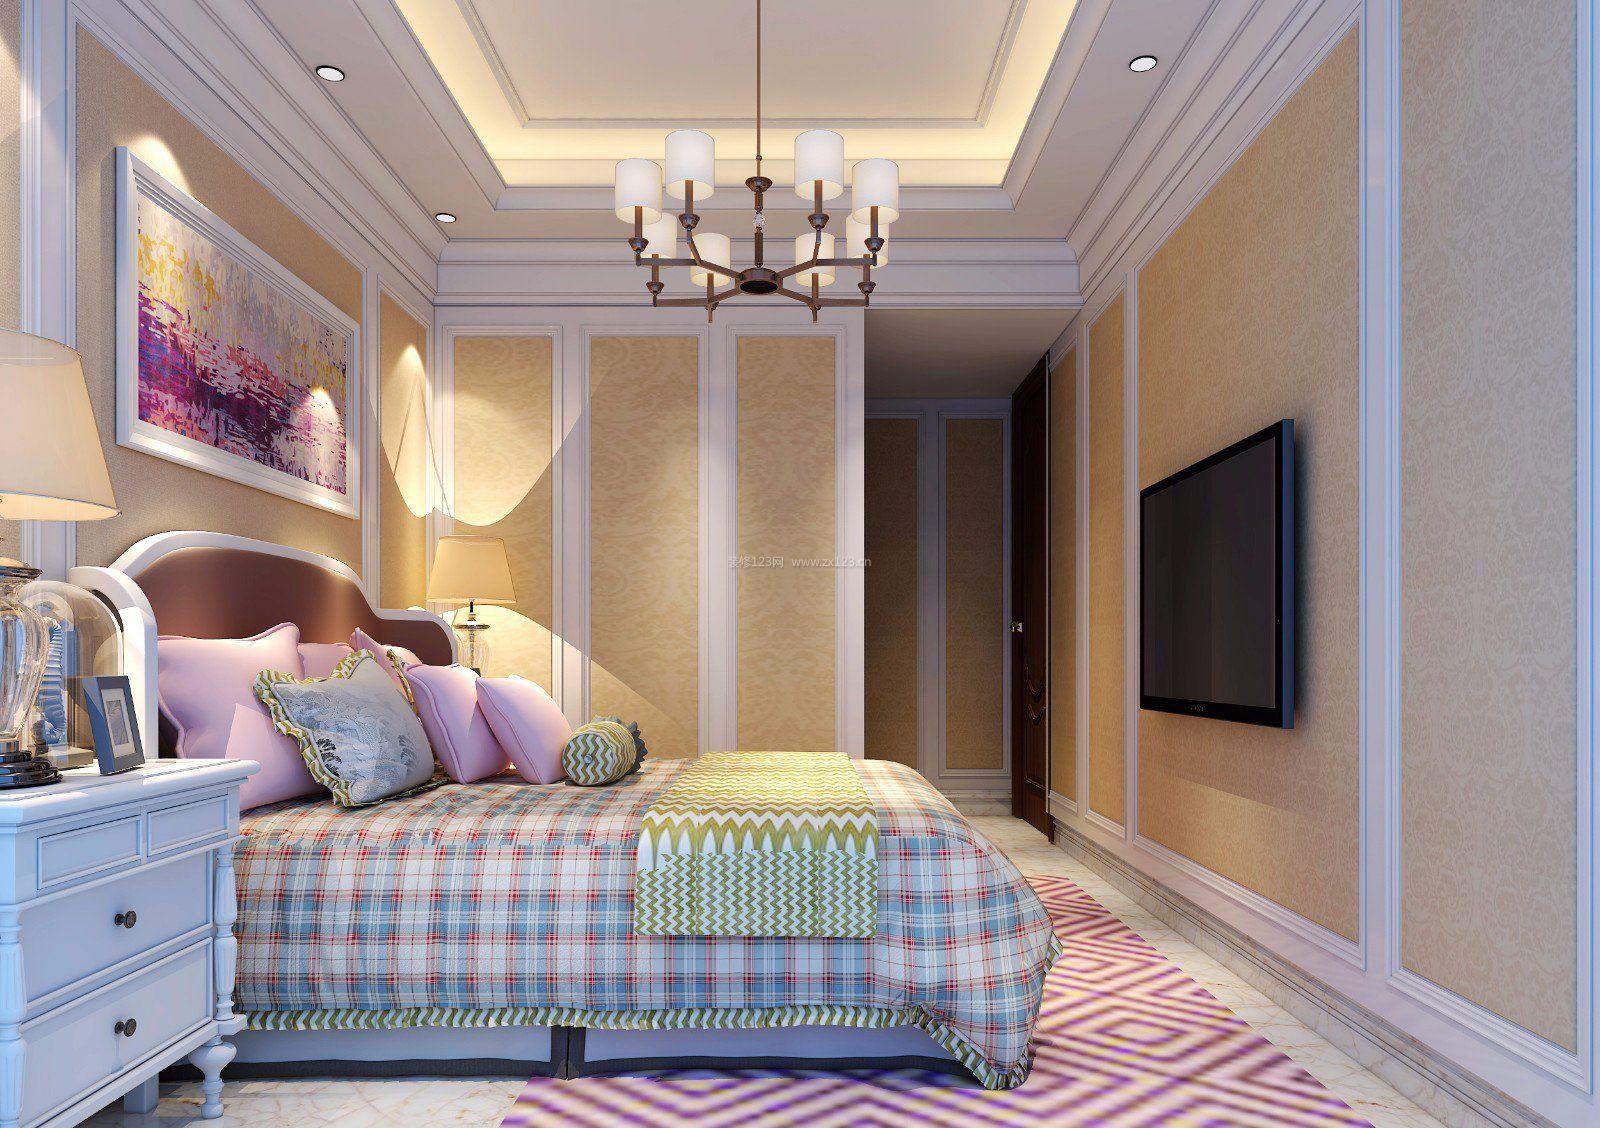 福州室内卧室壁纸装修效果图大全